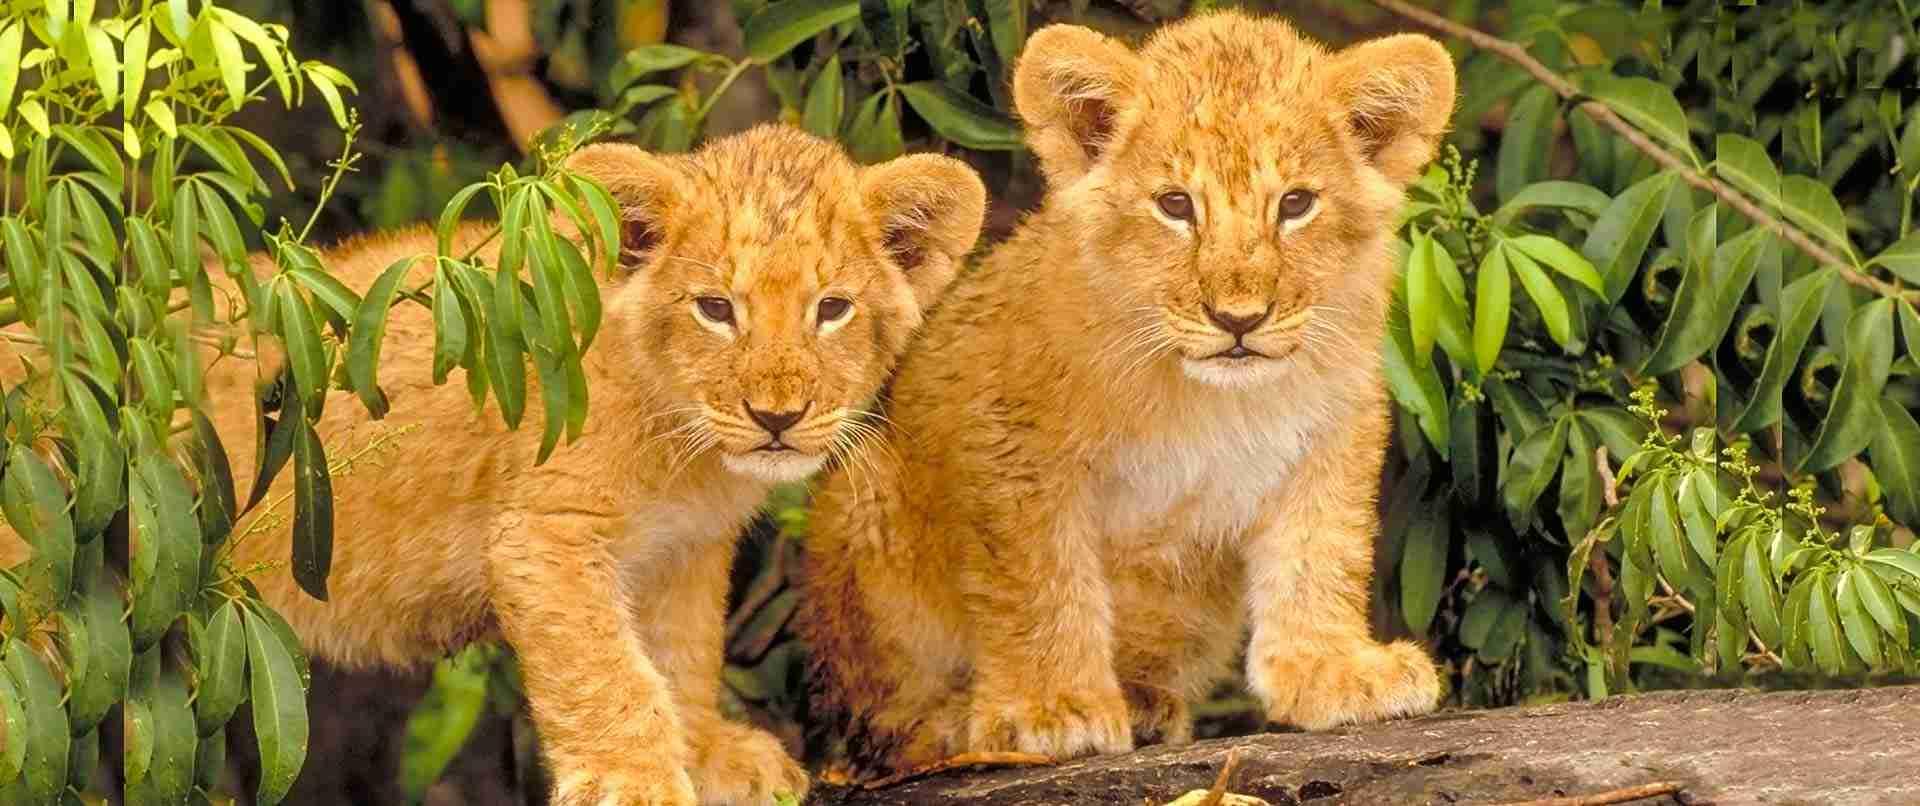 Lions en Tanzanie